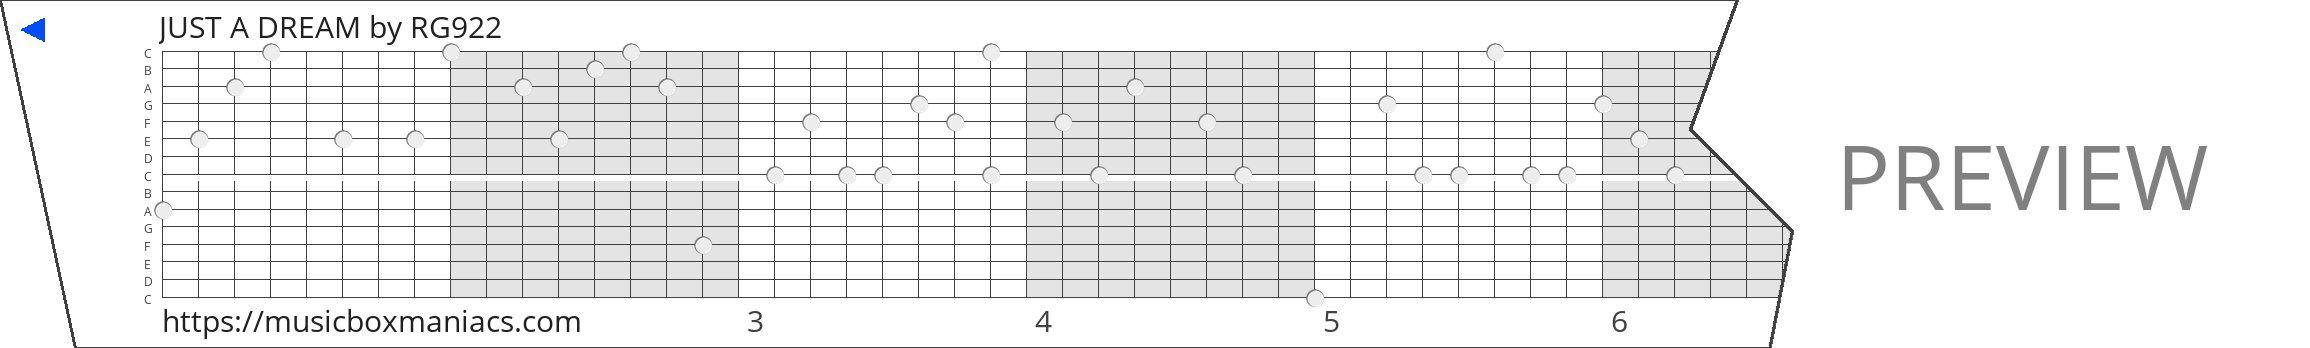 JUST A DREAM 15 note music box paper strip